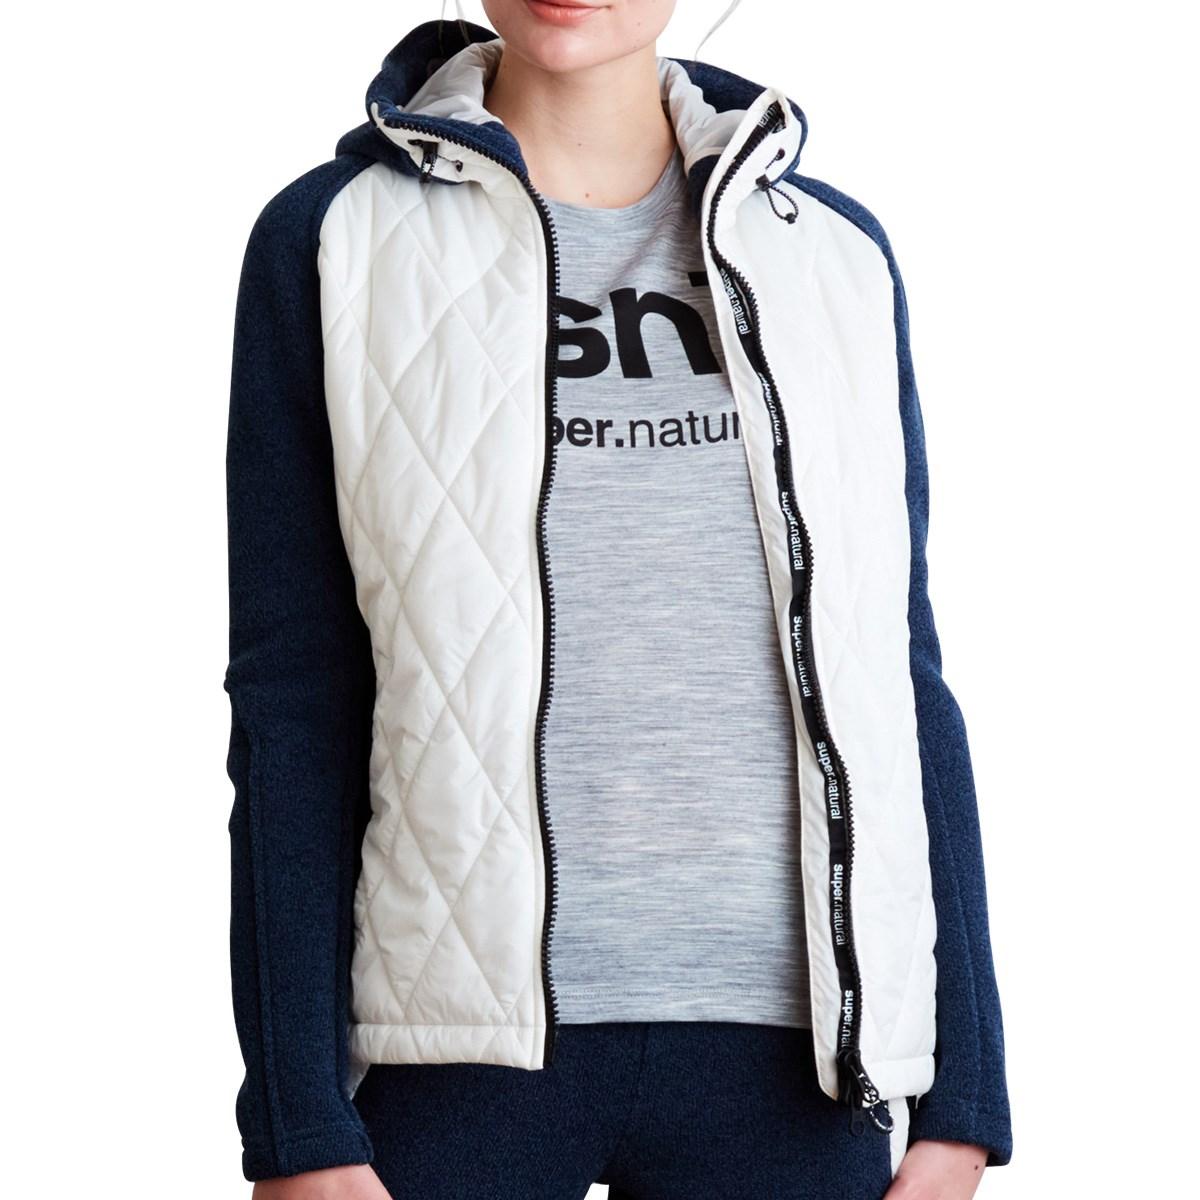 [アウトレット] [在庫限りのお買い得商品] スーパーナチュラル COMPOUND ジャケット ホワイト 229 レディース ゴルフウェア